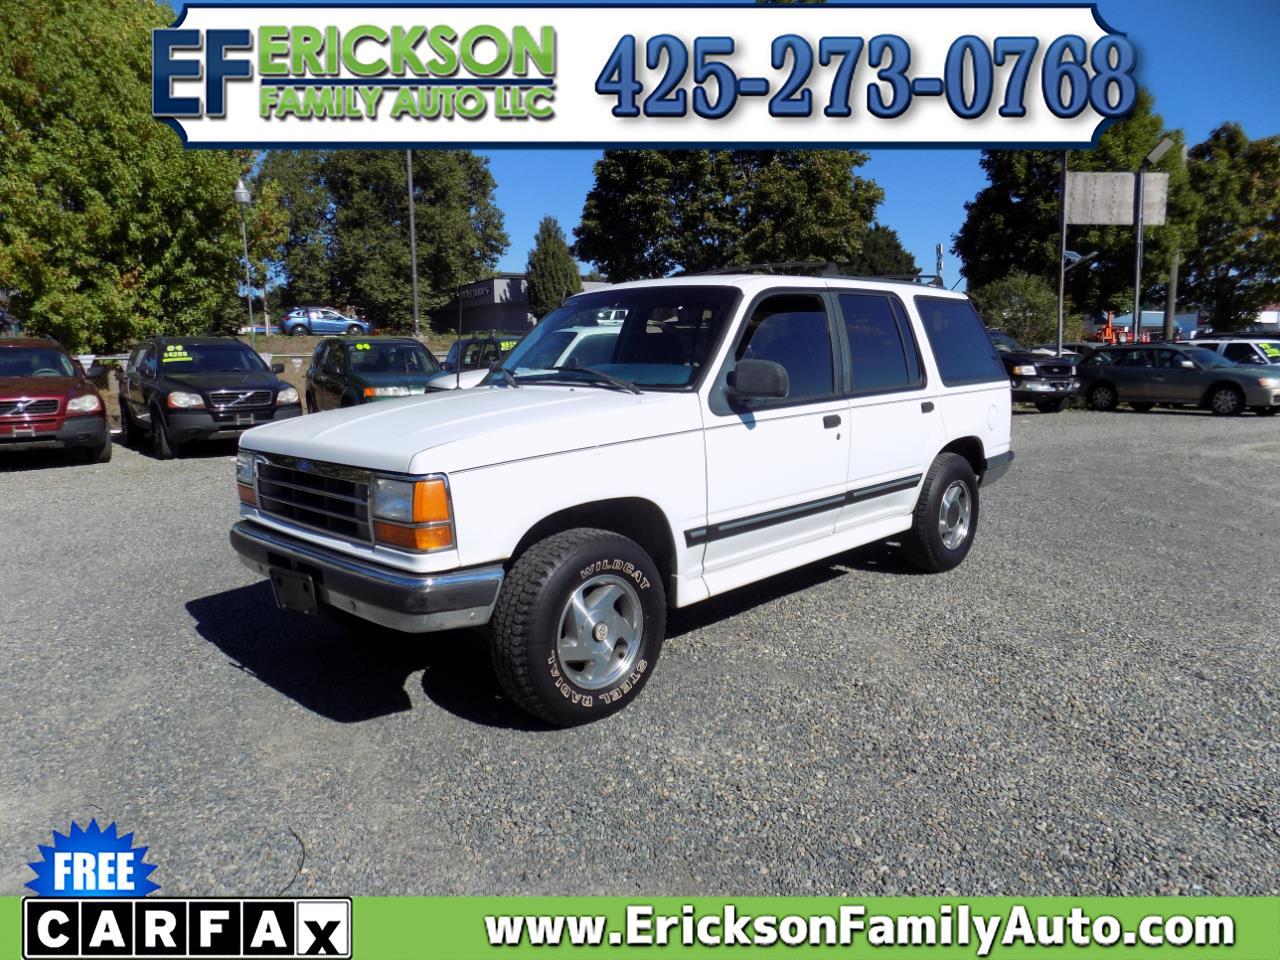 Ford Explorer 4dr XLT 4WD 1993